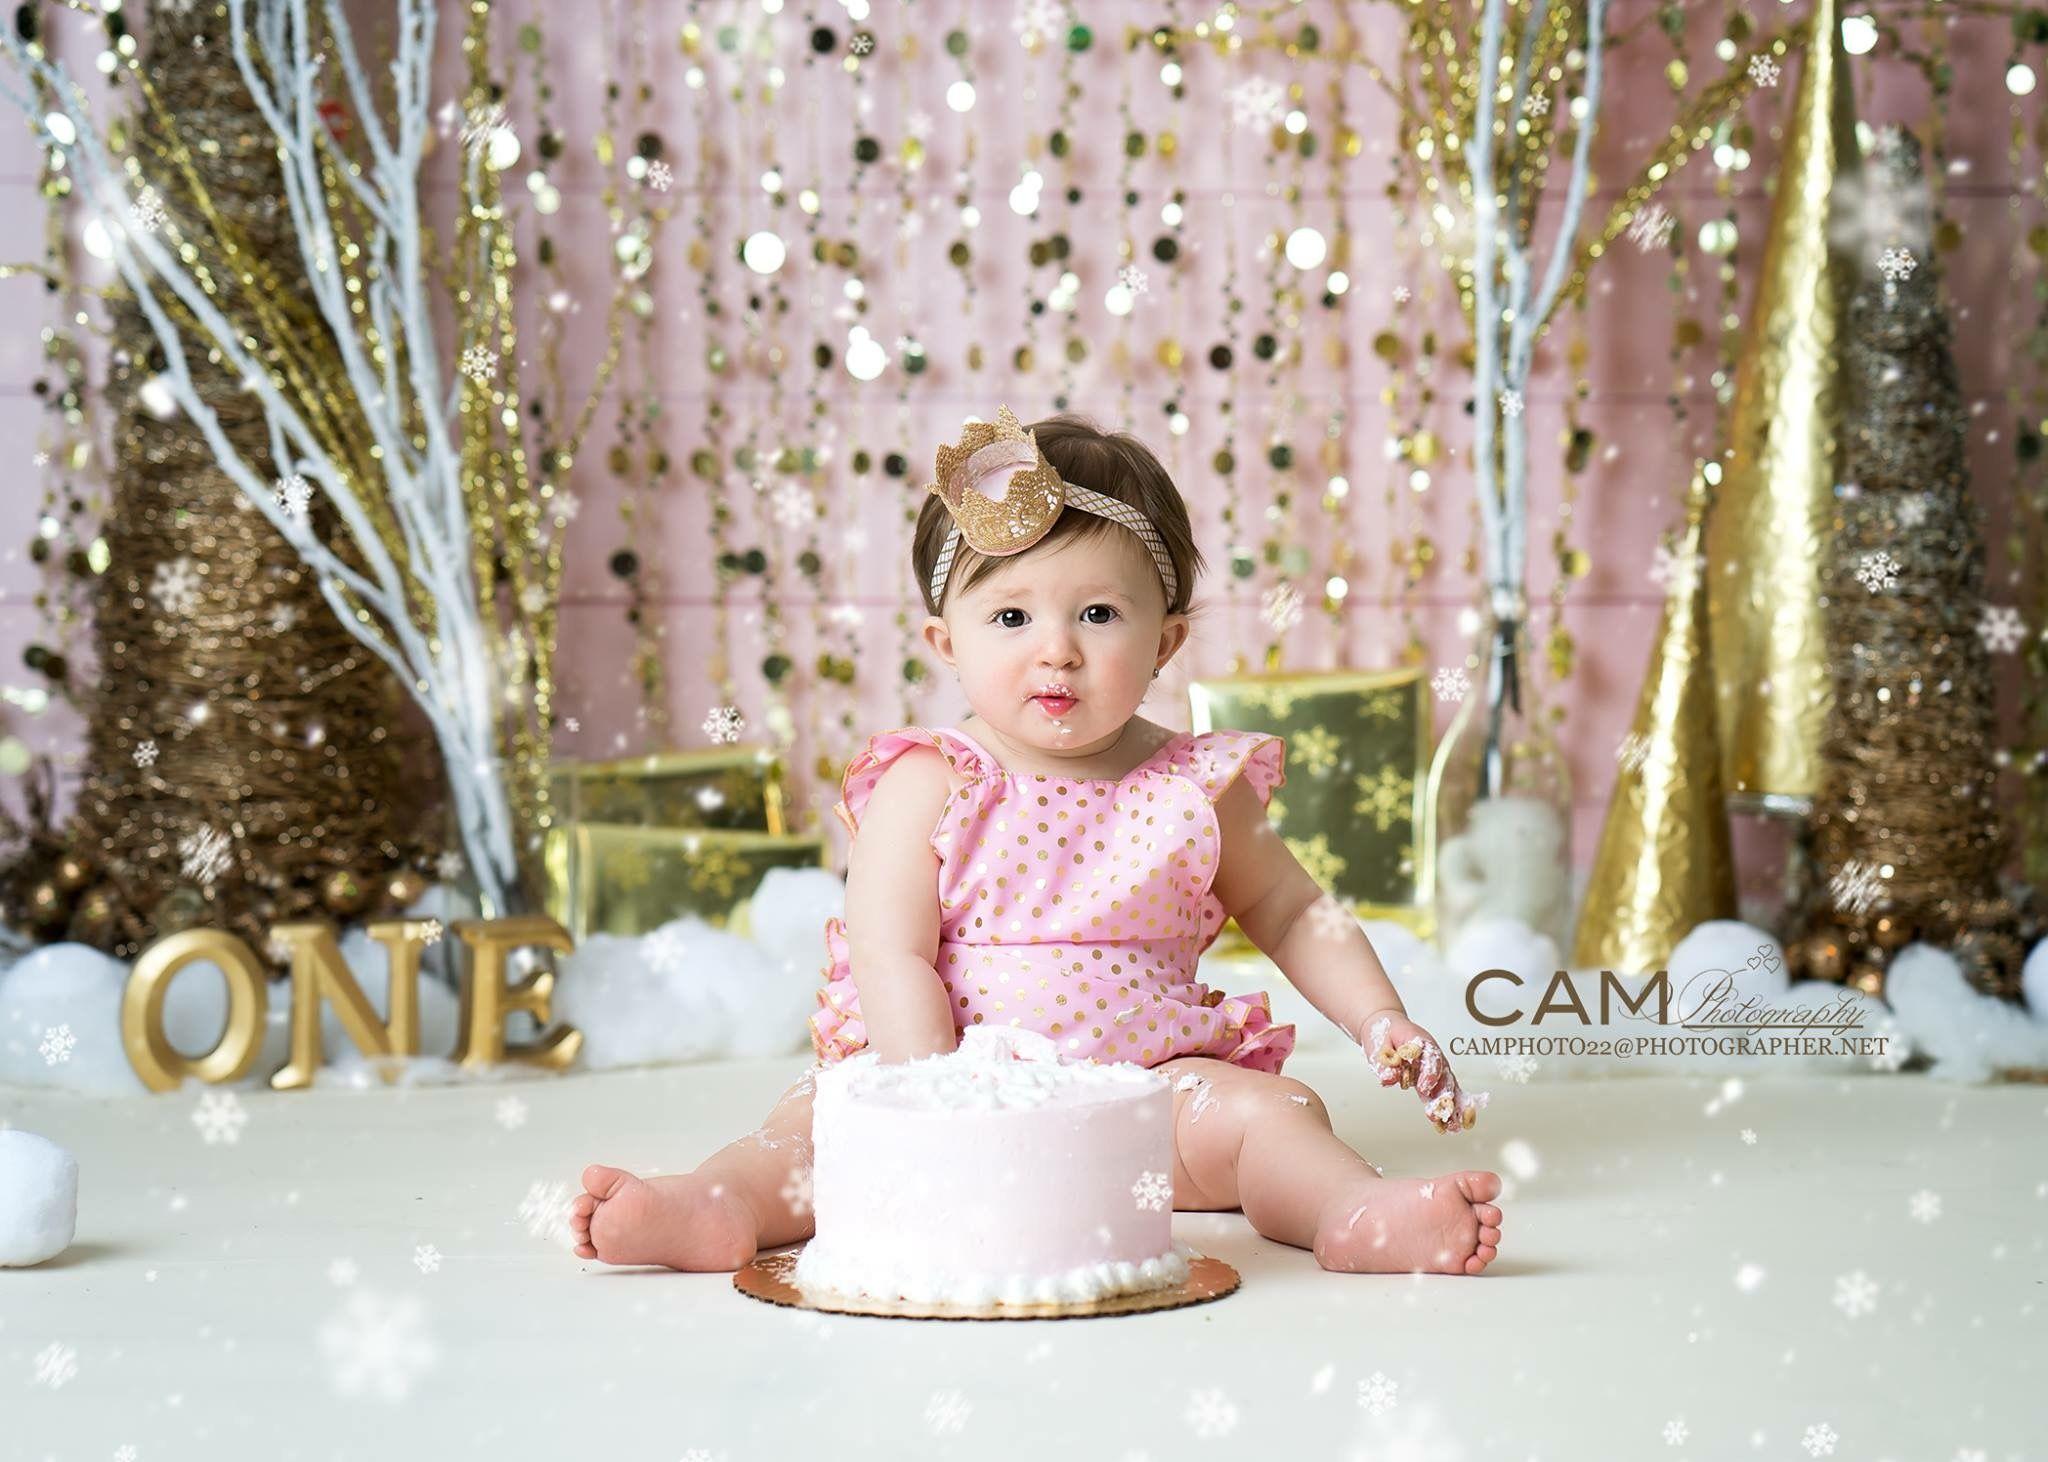 Winter Onederland First Birthday Photo Shoot